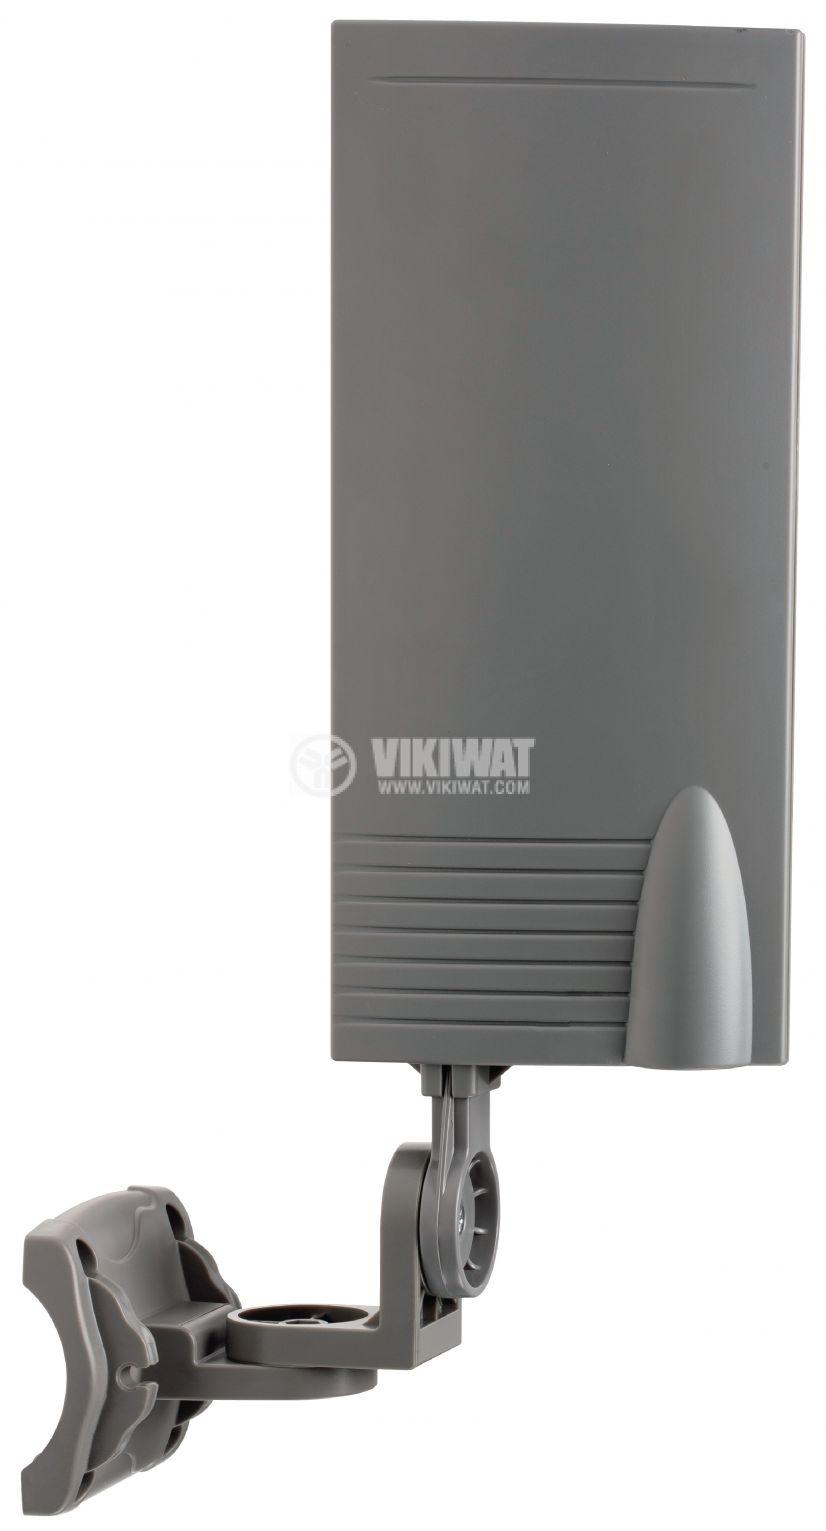 Външна антена KNT-DVBT-OUT20 ефирна телевизия 15dB LTE филтър